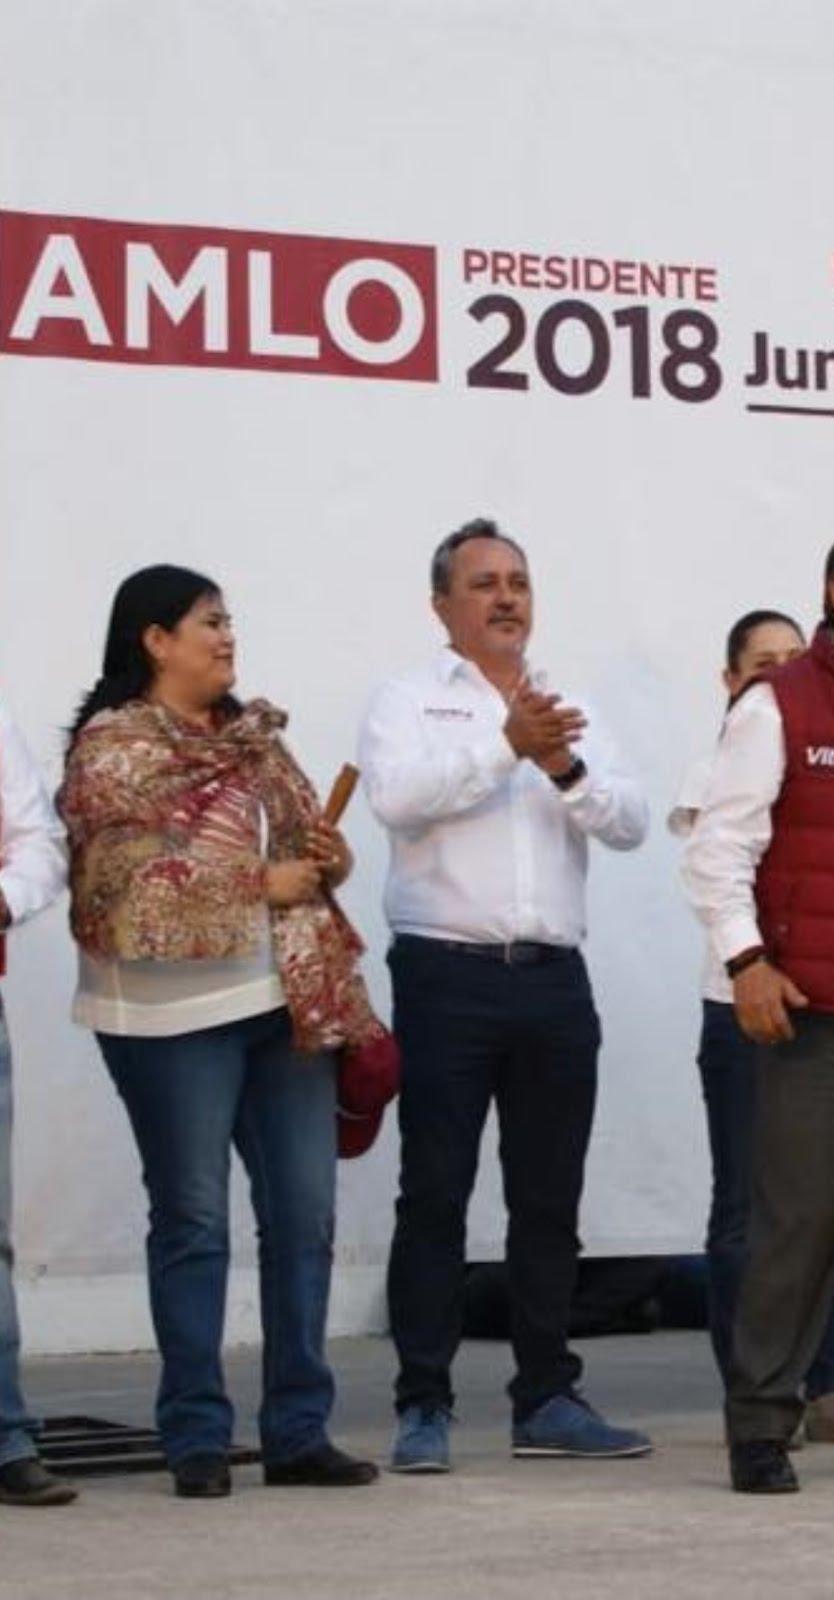 Que fue la «mafia del poder» la que vilipendió a Rigoberto Salgado